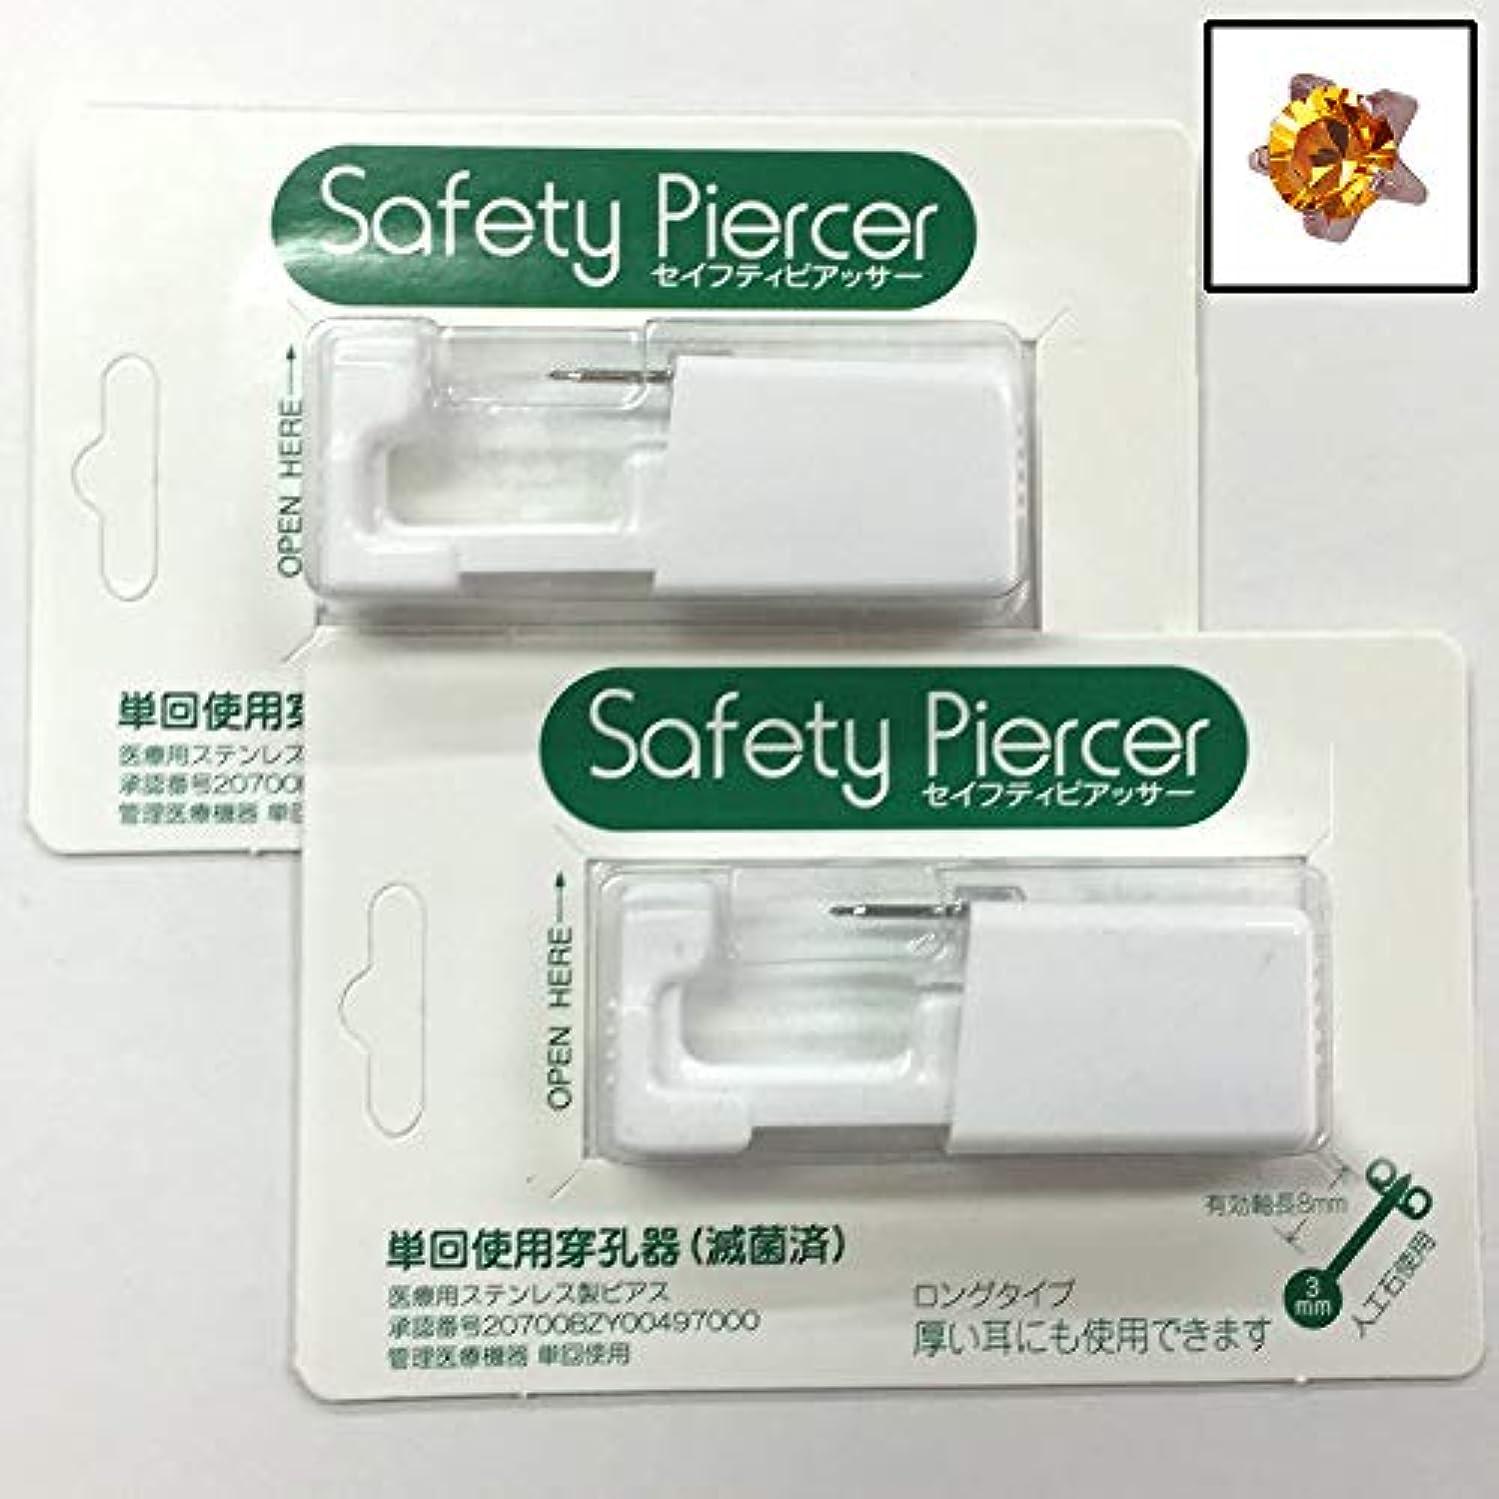 セイフティピアッサー シルバー (医療用ステンレス) 3mm トパーズ色 5M111WL(2個セット)